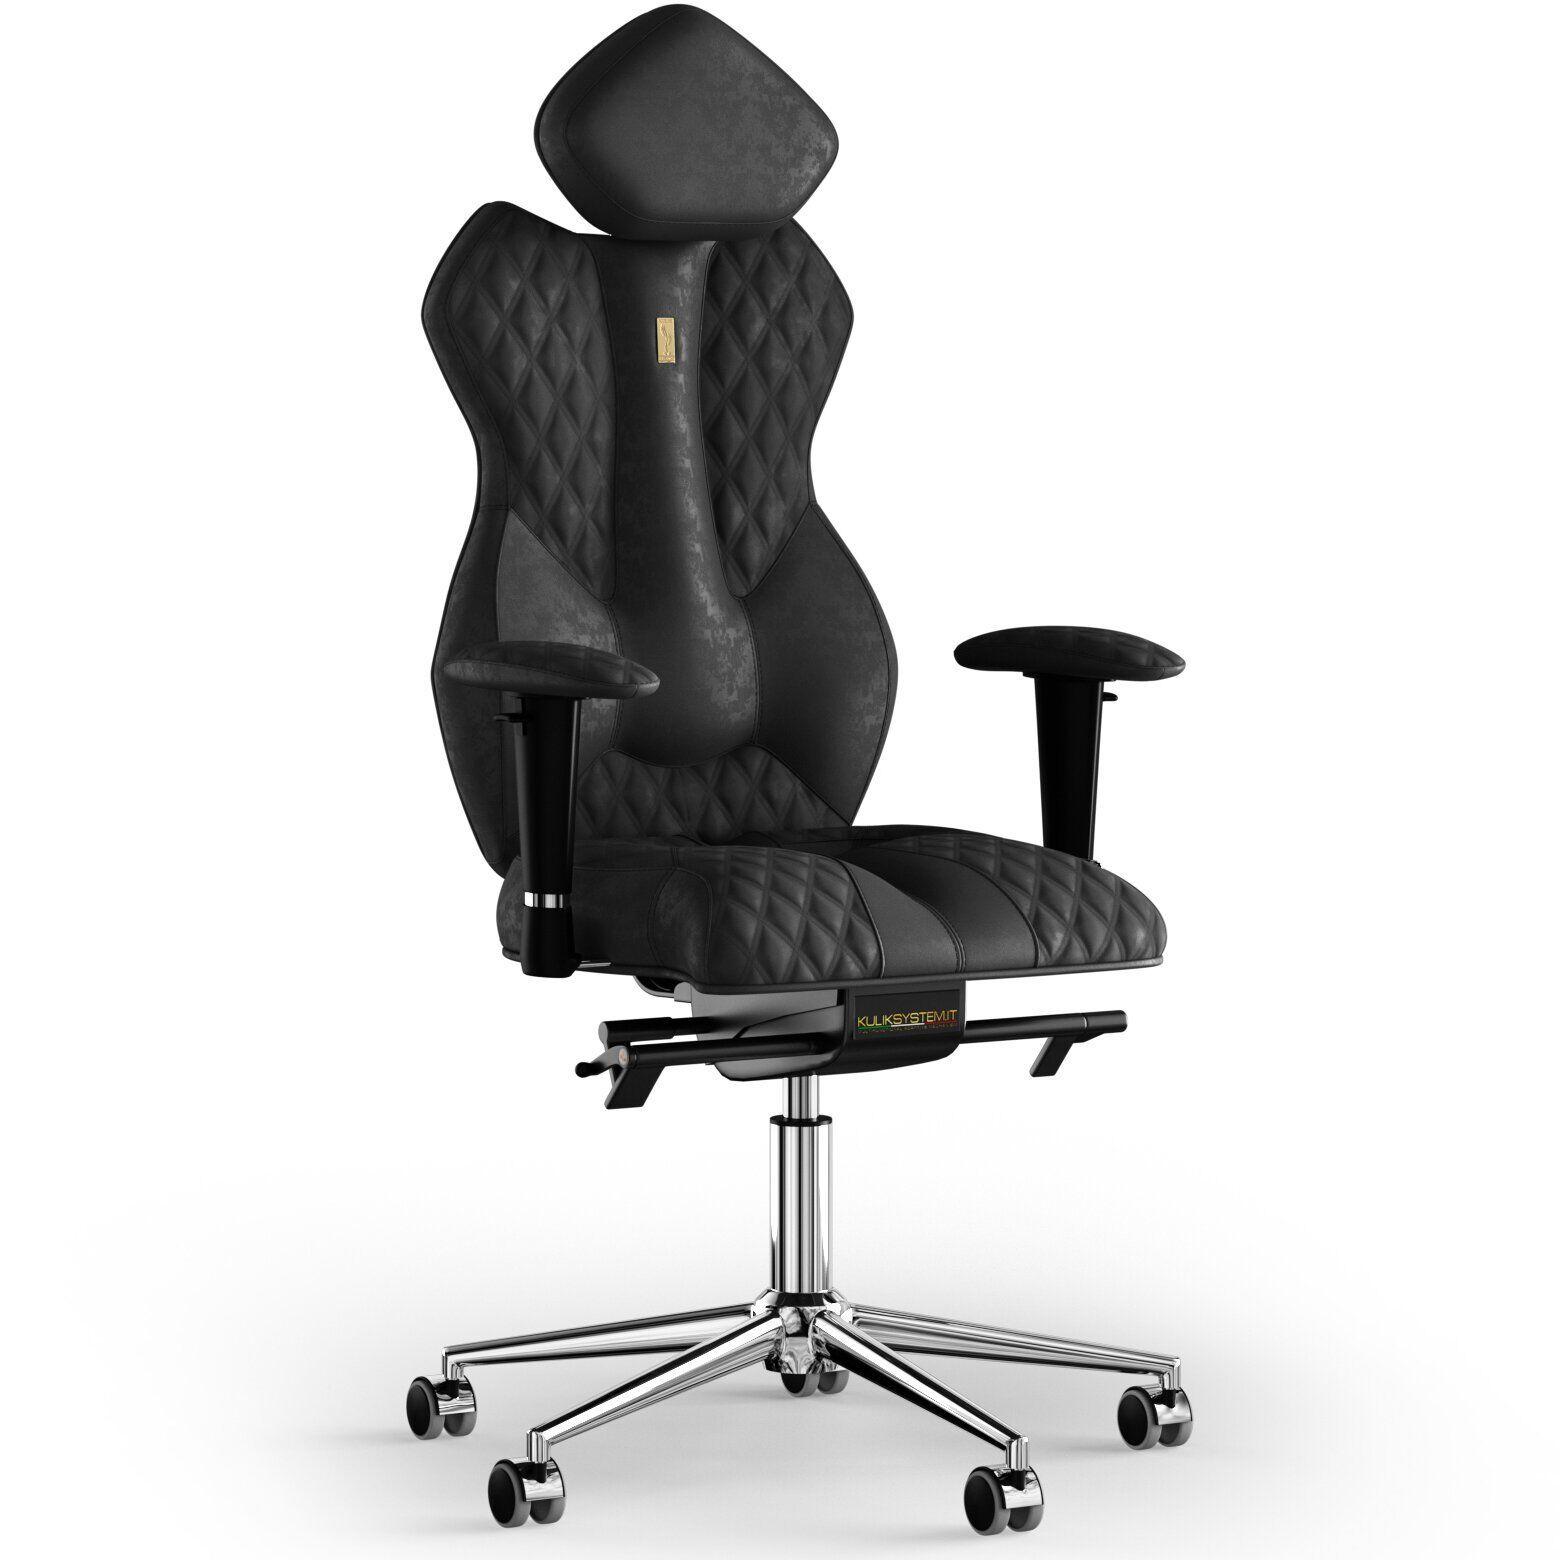 Кресло KULIK SYSTEM ROYAL Антара с подголовником со строчкой